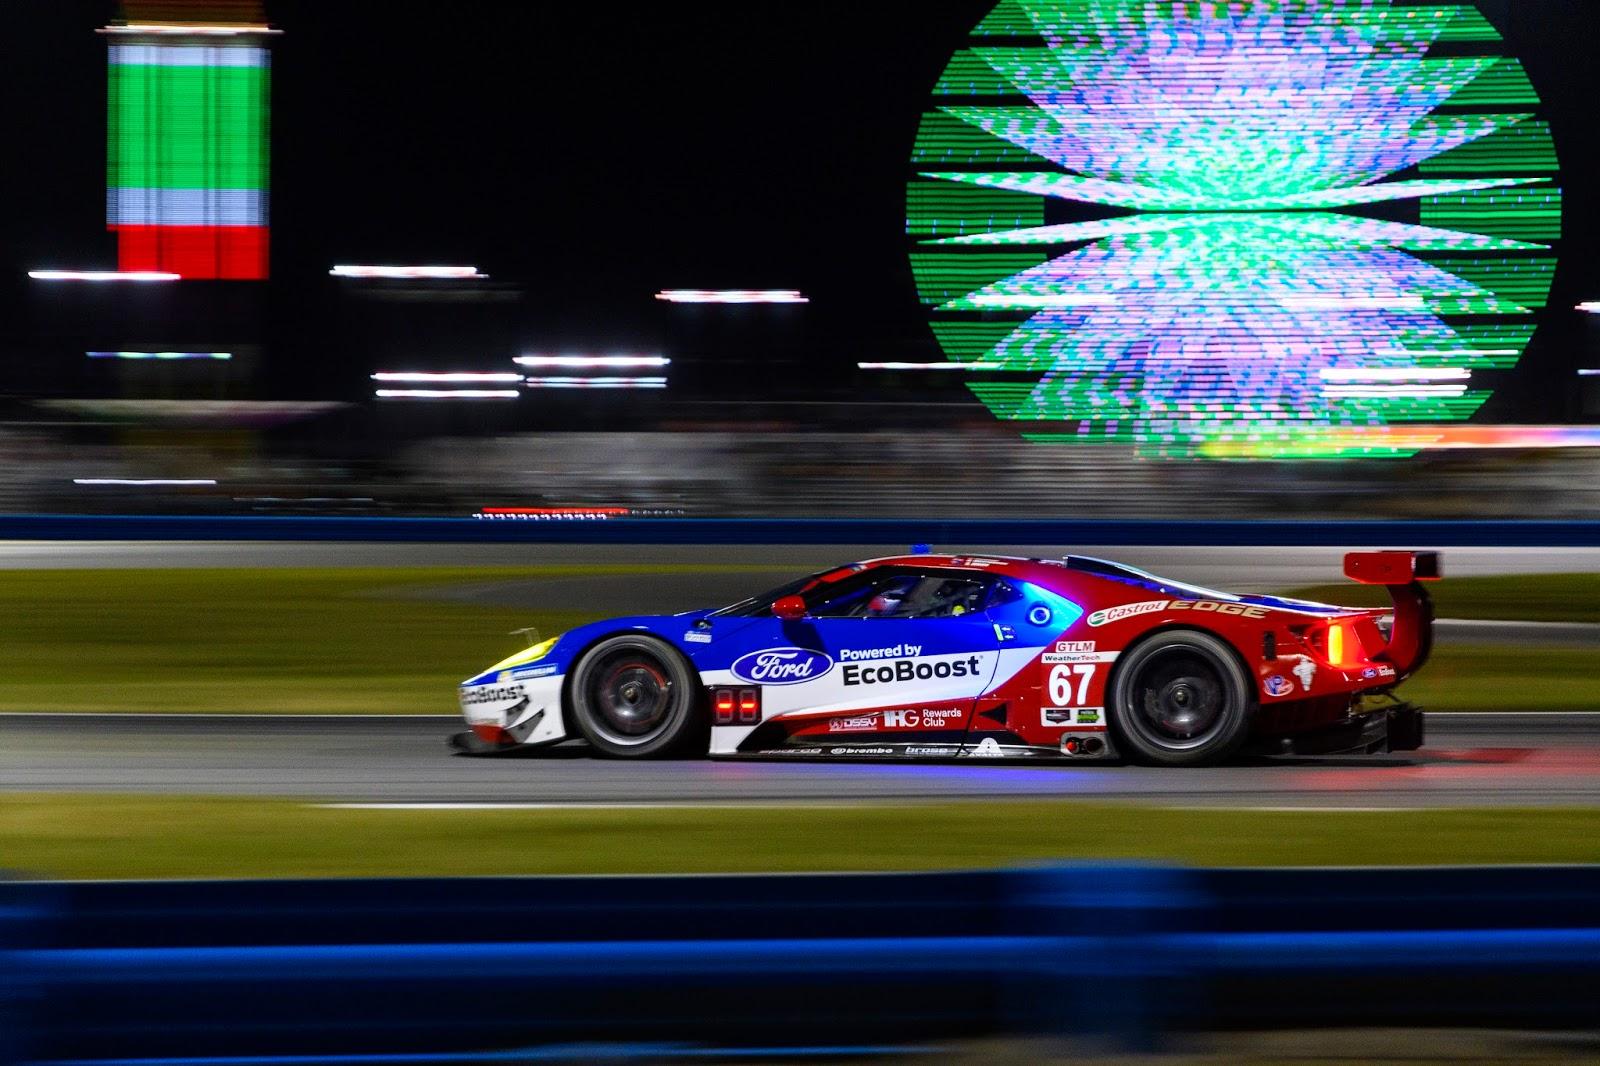 Οι 24 Ώρες του Le Mans έρχονται, τα 4 Ford GΤ είναι έτοιμα! Ford, Ford Chip Ganassi Racing, Ford GT, LE MANS, Racing Team, videos